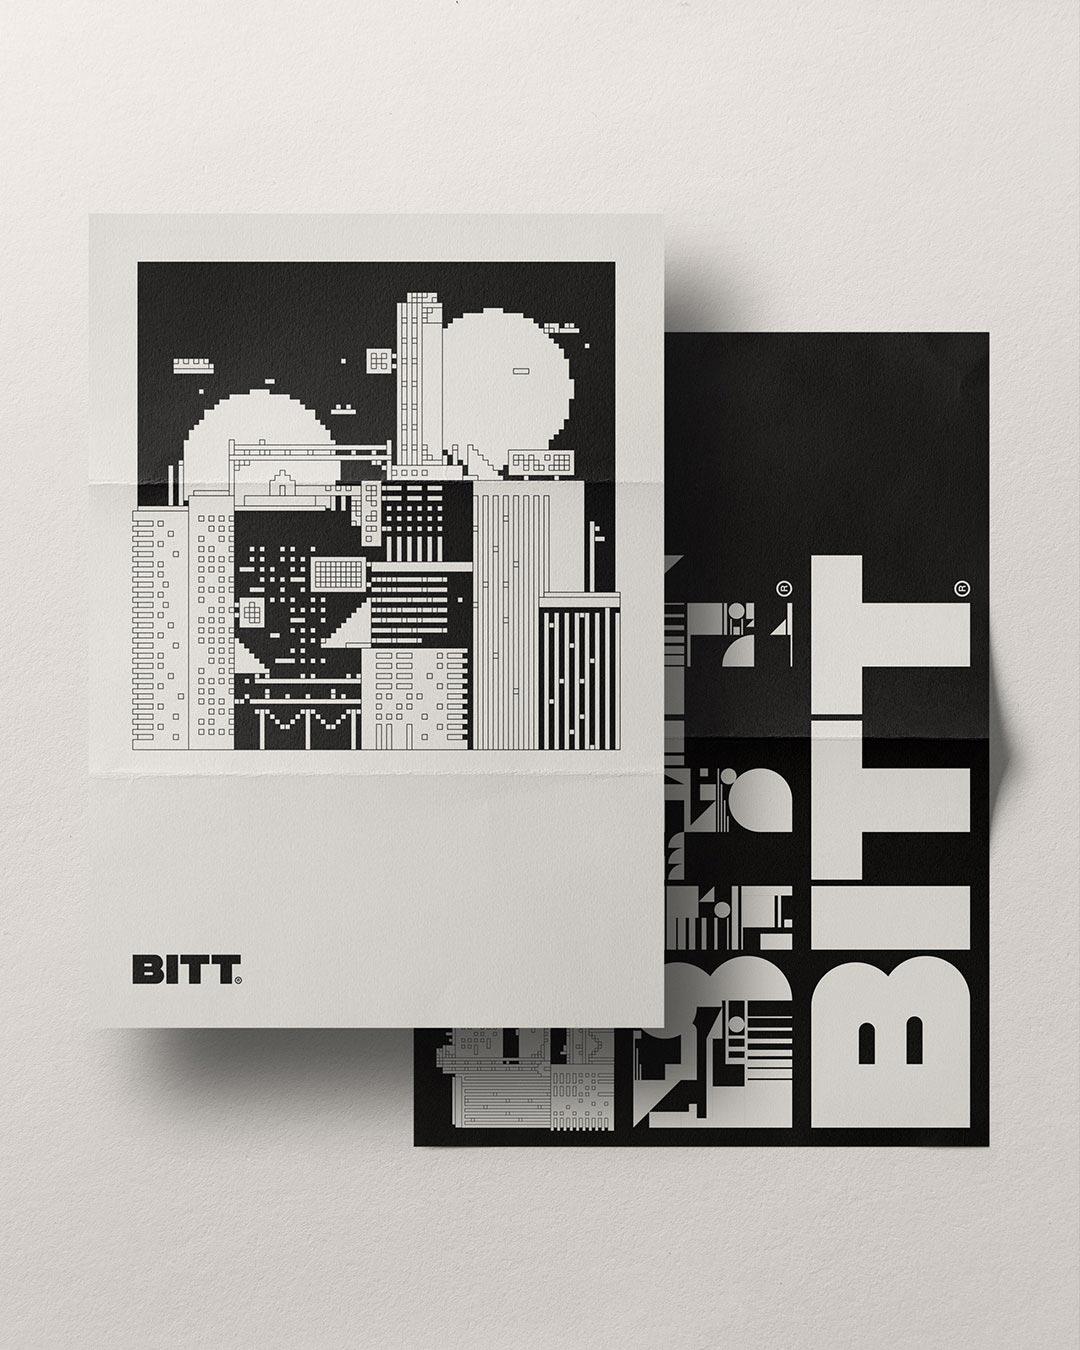 BITT_06